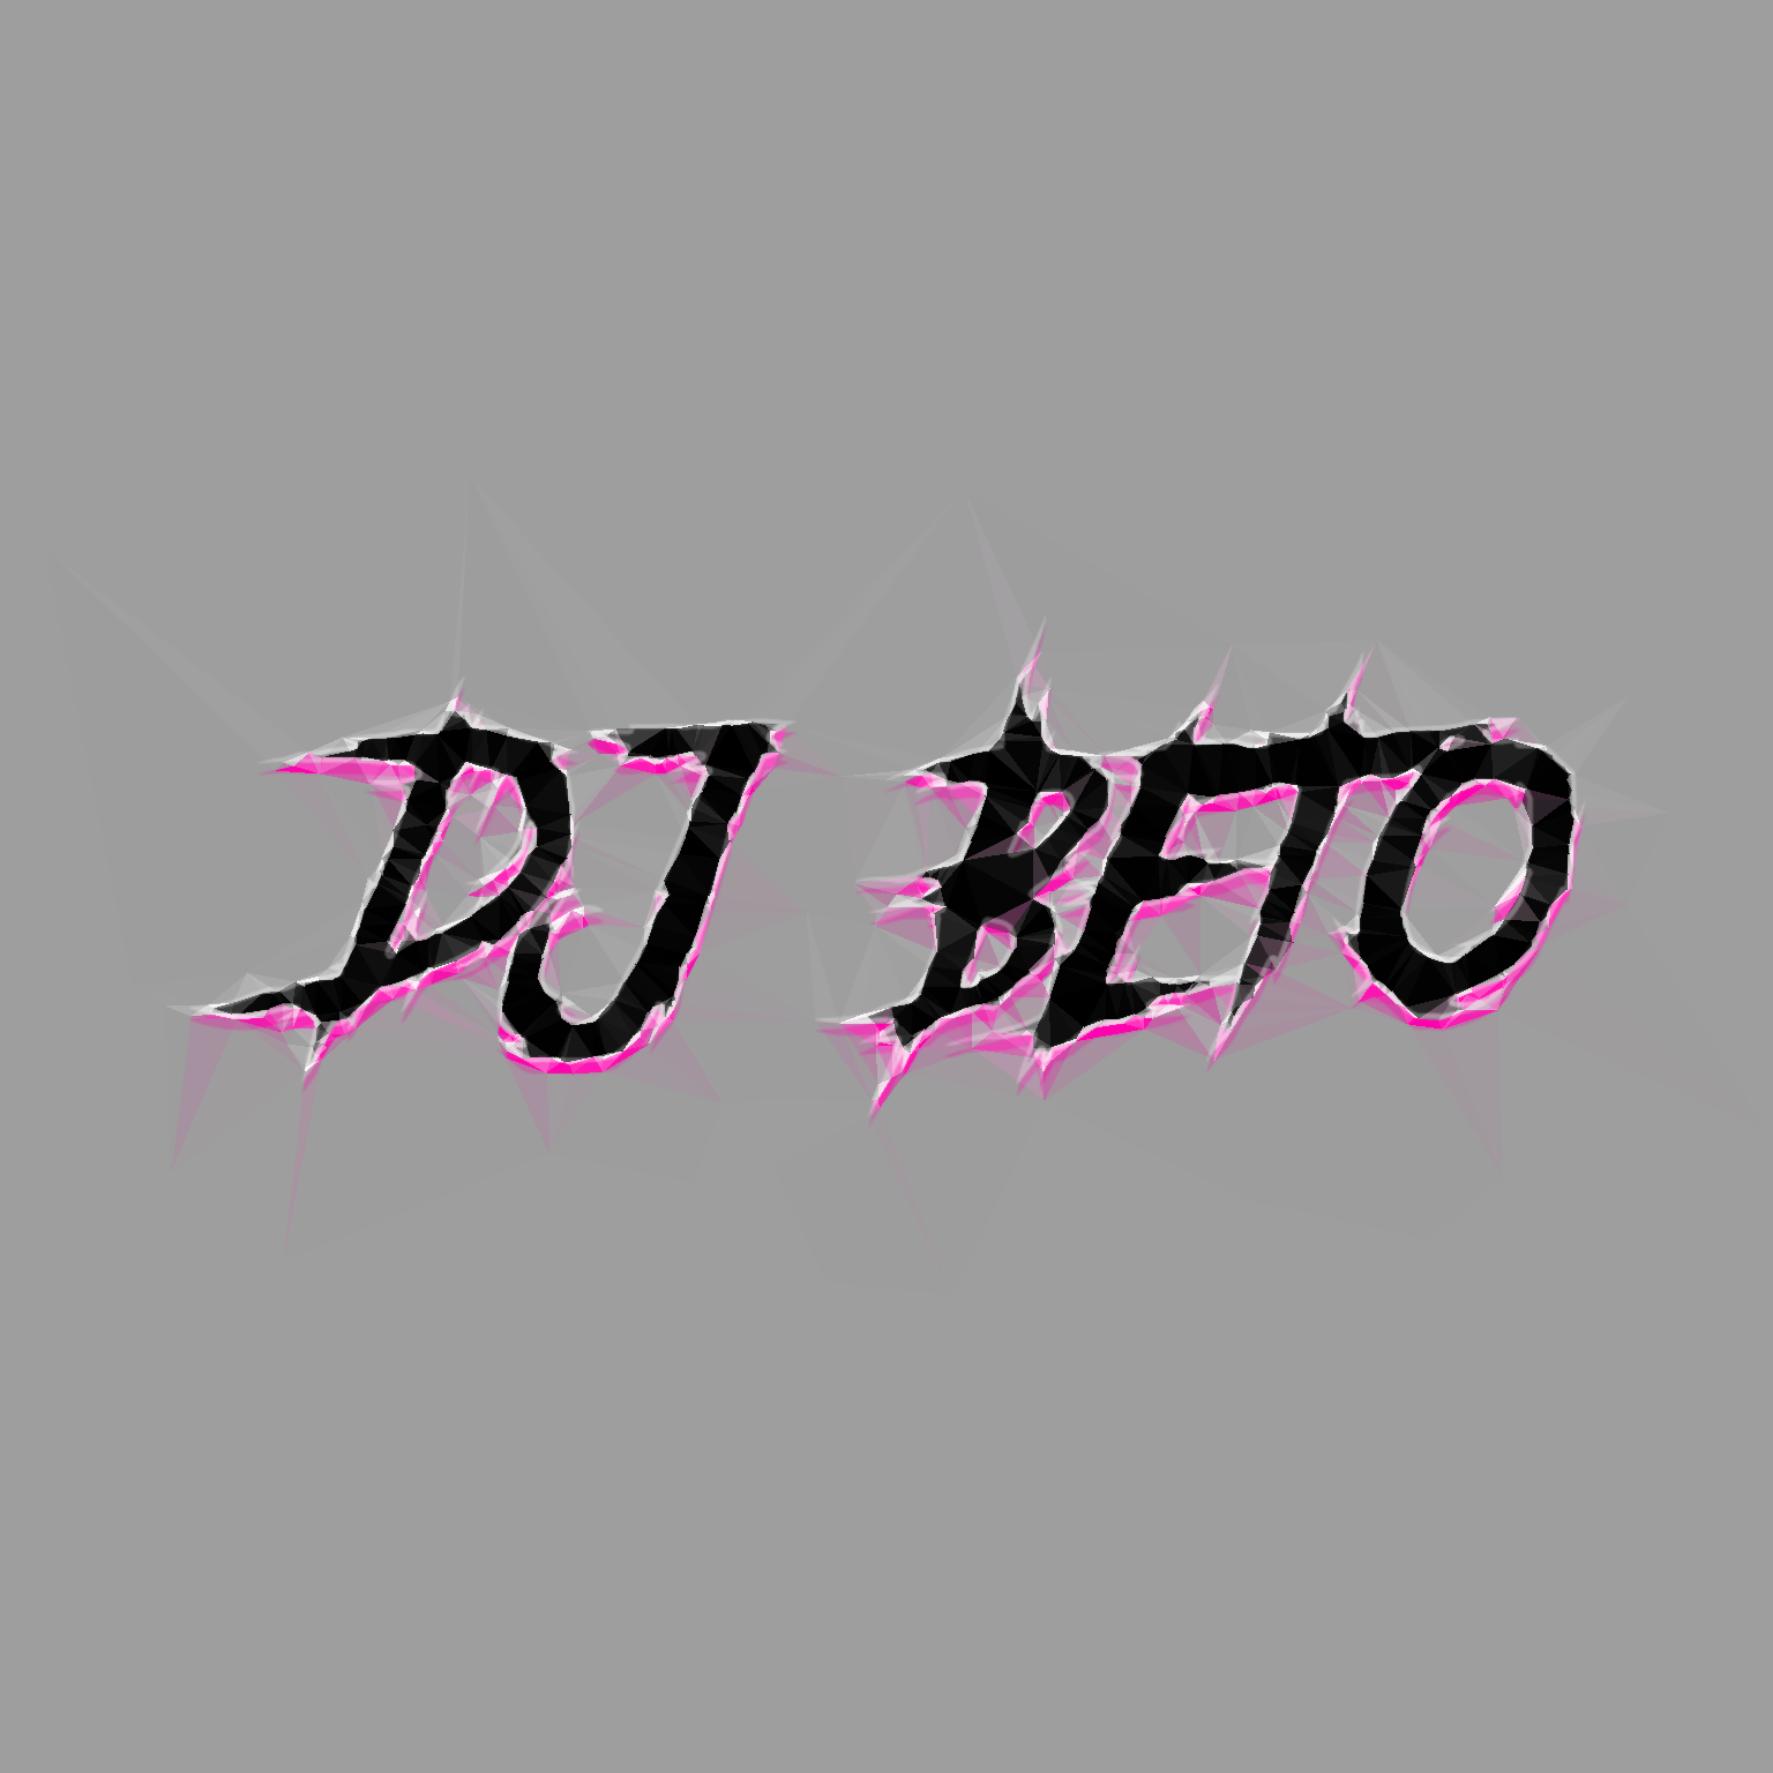 Dj Beto - La Fokin Voz Del Guetto.vol 1